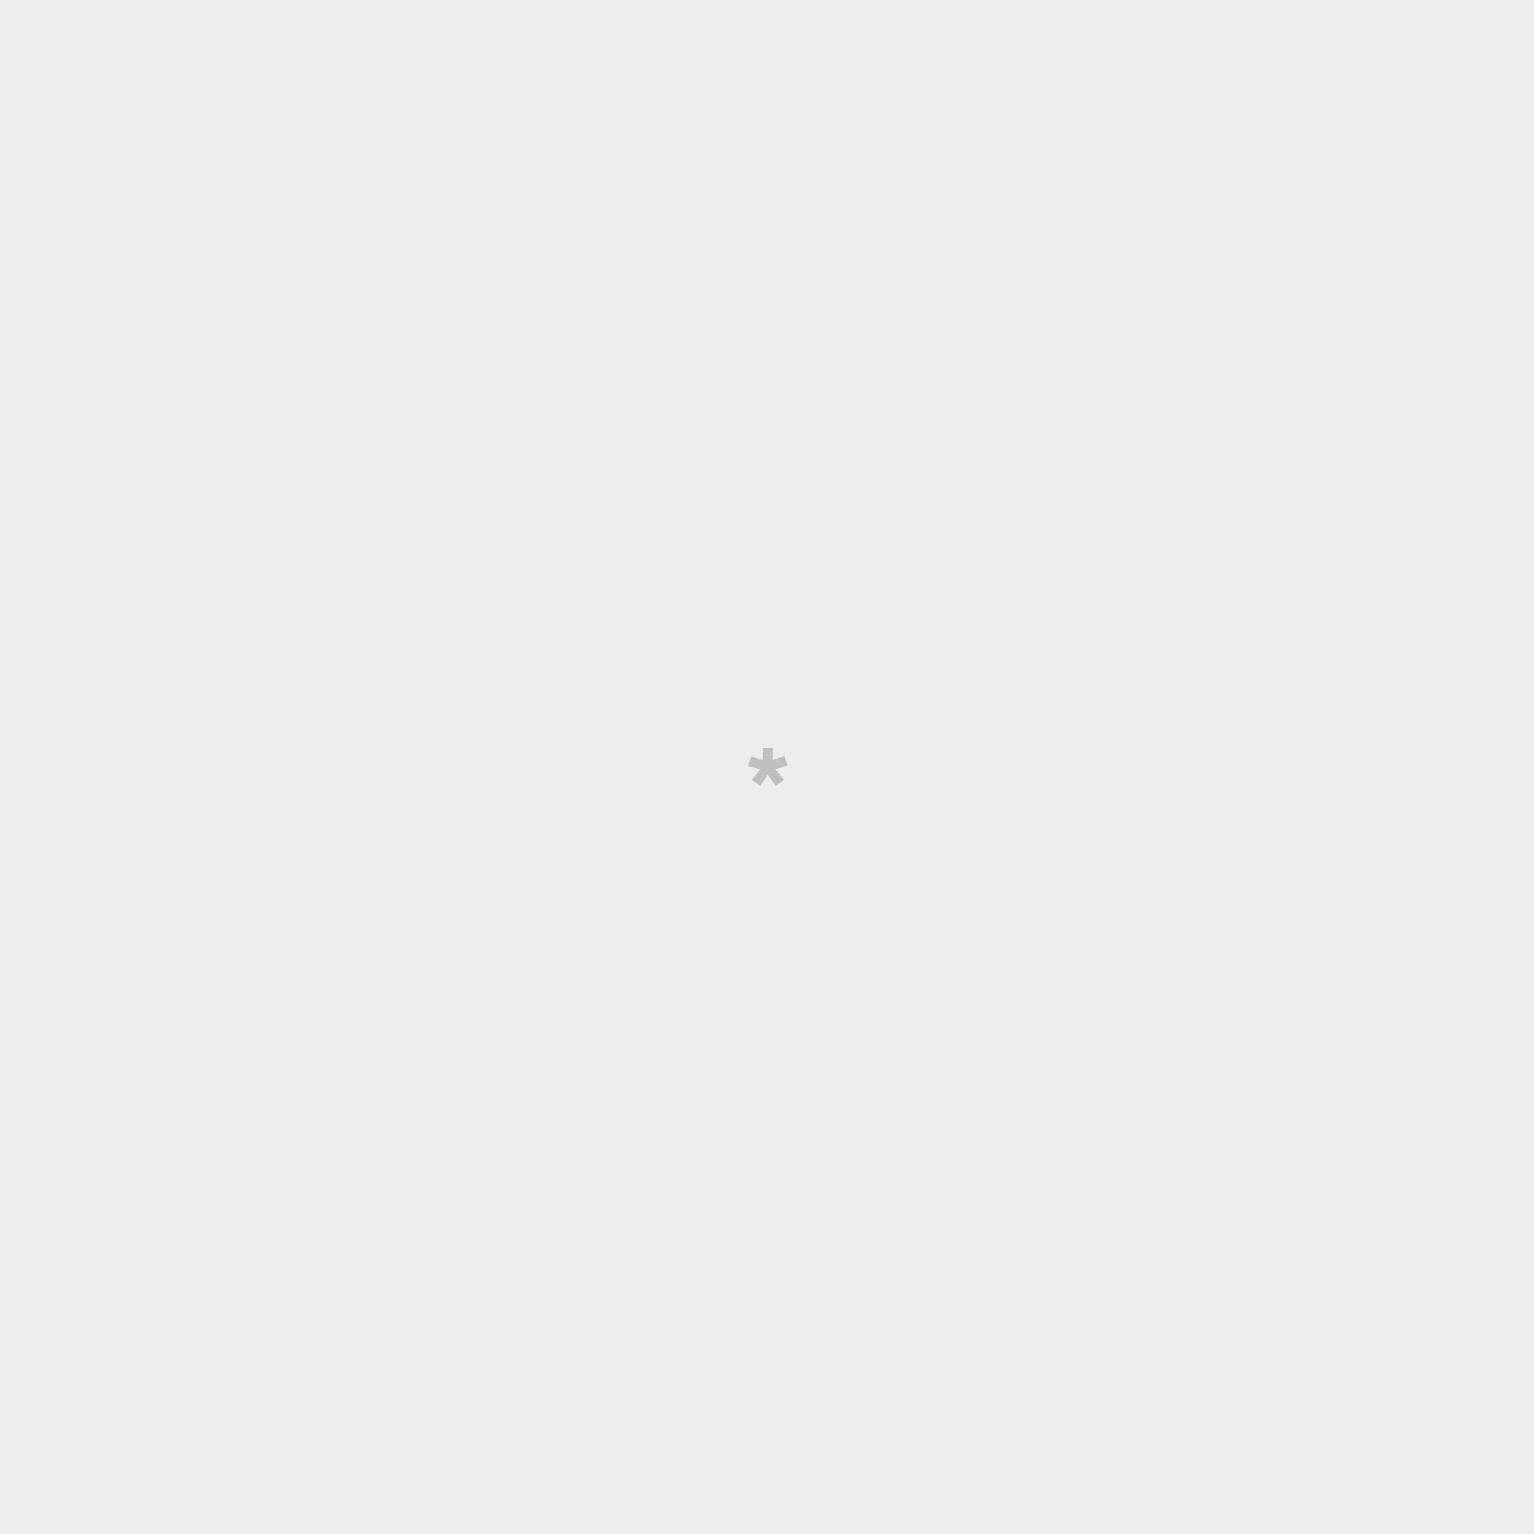 Caderno - Tudo o que é bom começa hoje